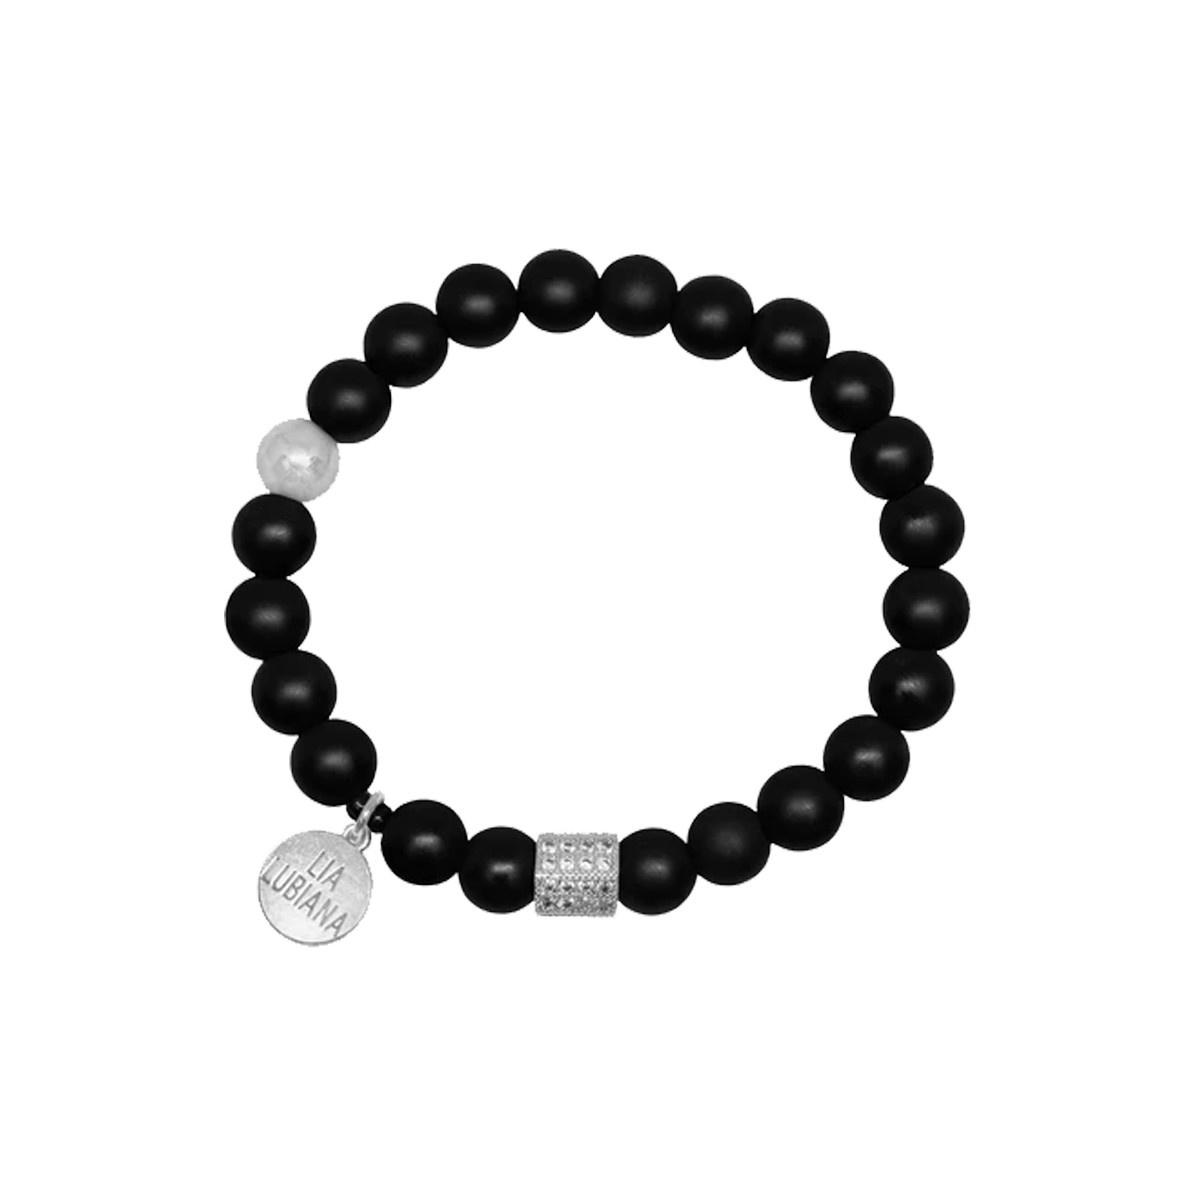 Lia Lubiana Lia Lubiana Onyx Silver Bracelet